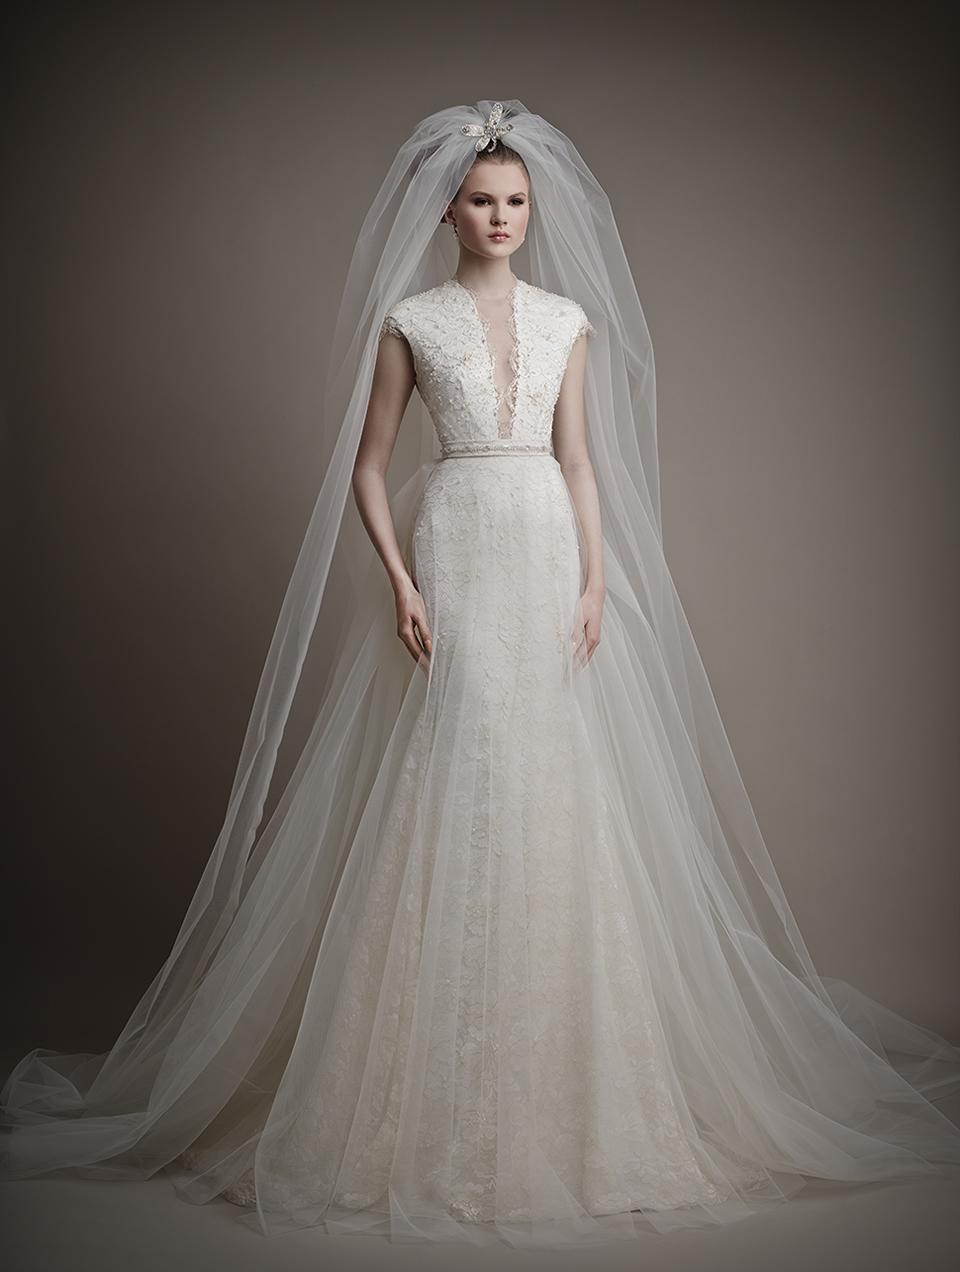 Коллекция свадебных платьев 2015 года от Ersa Atelier6